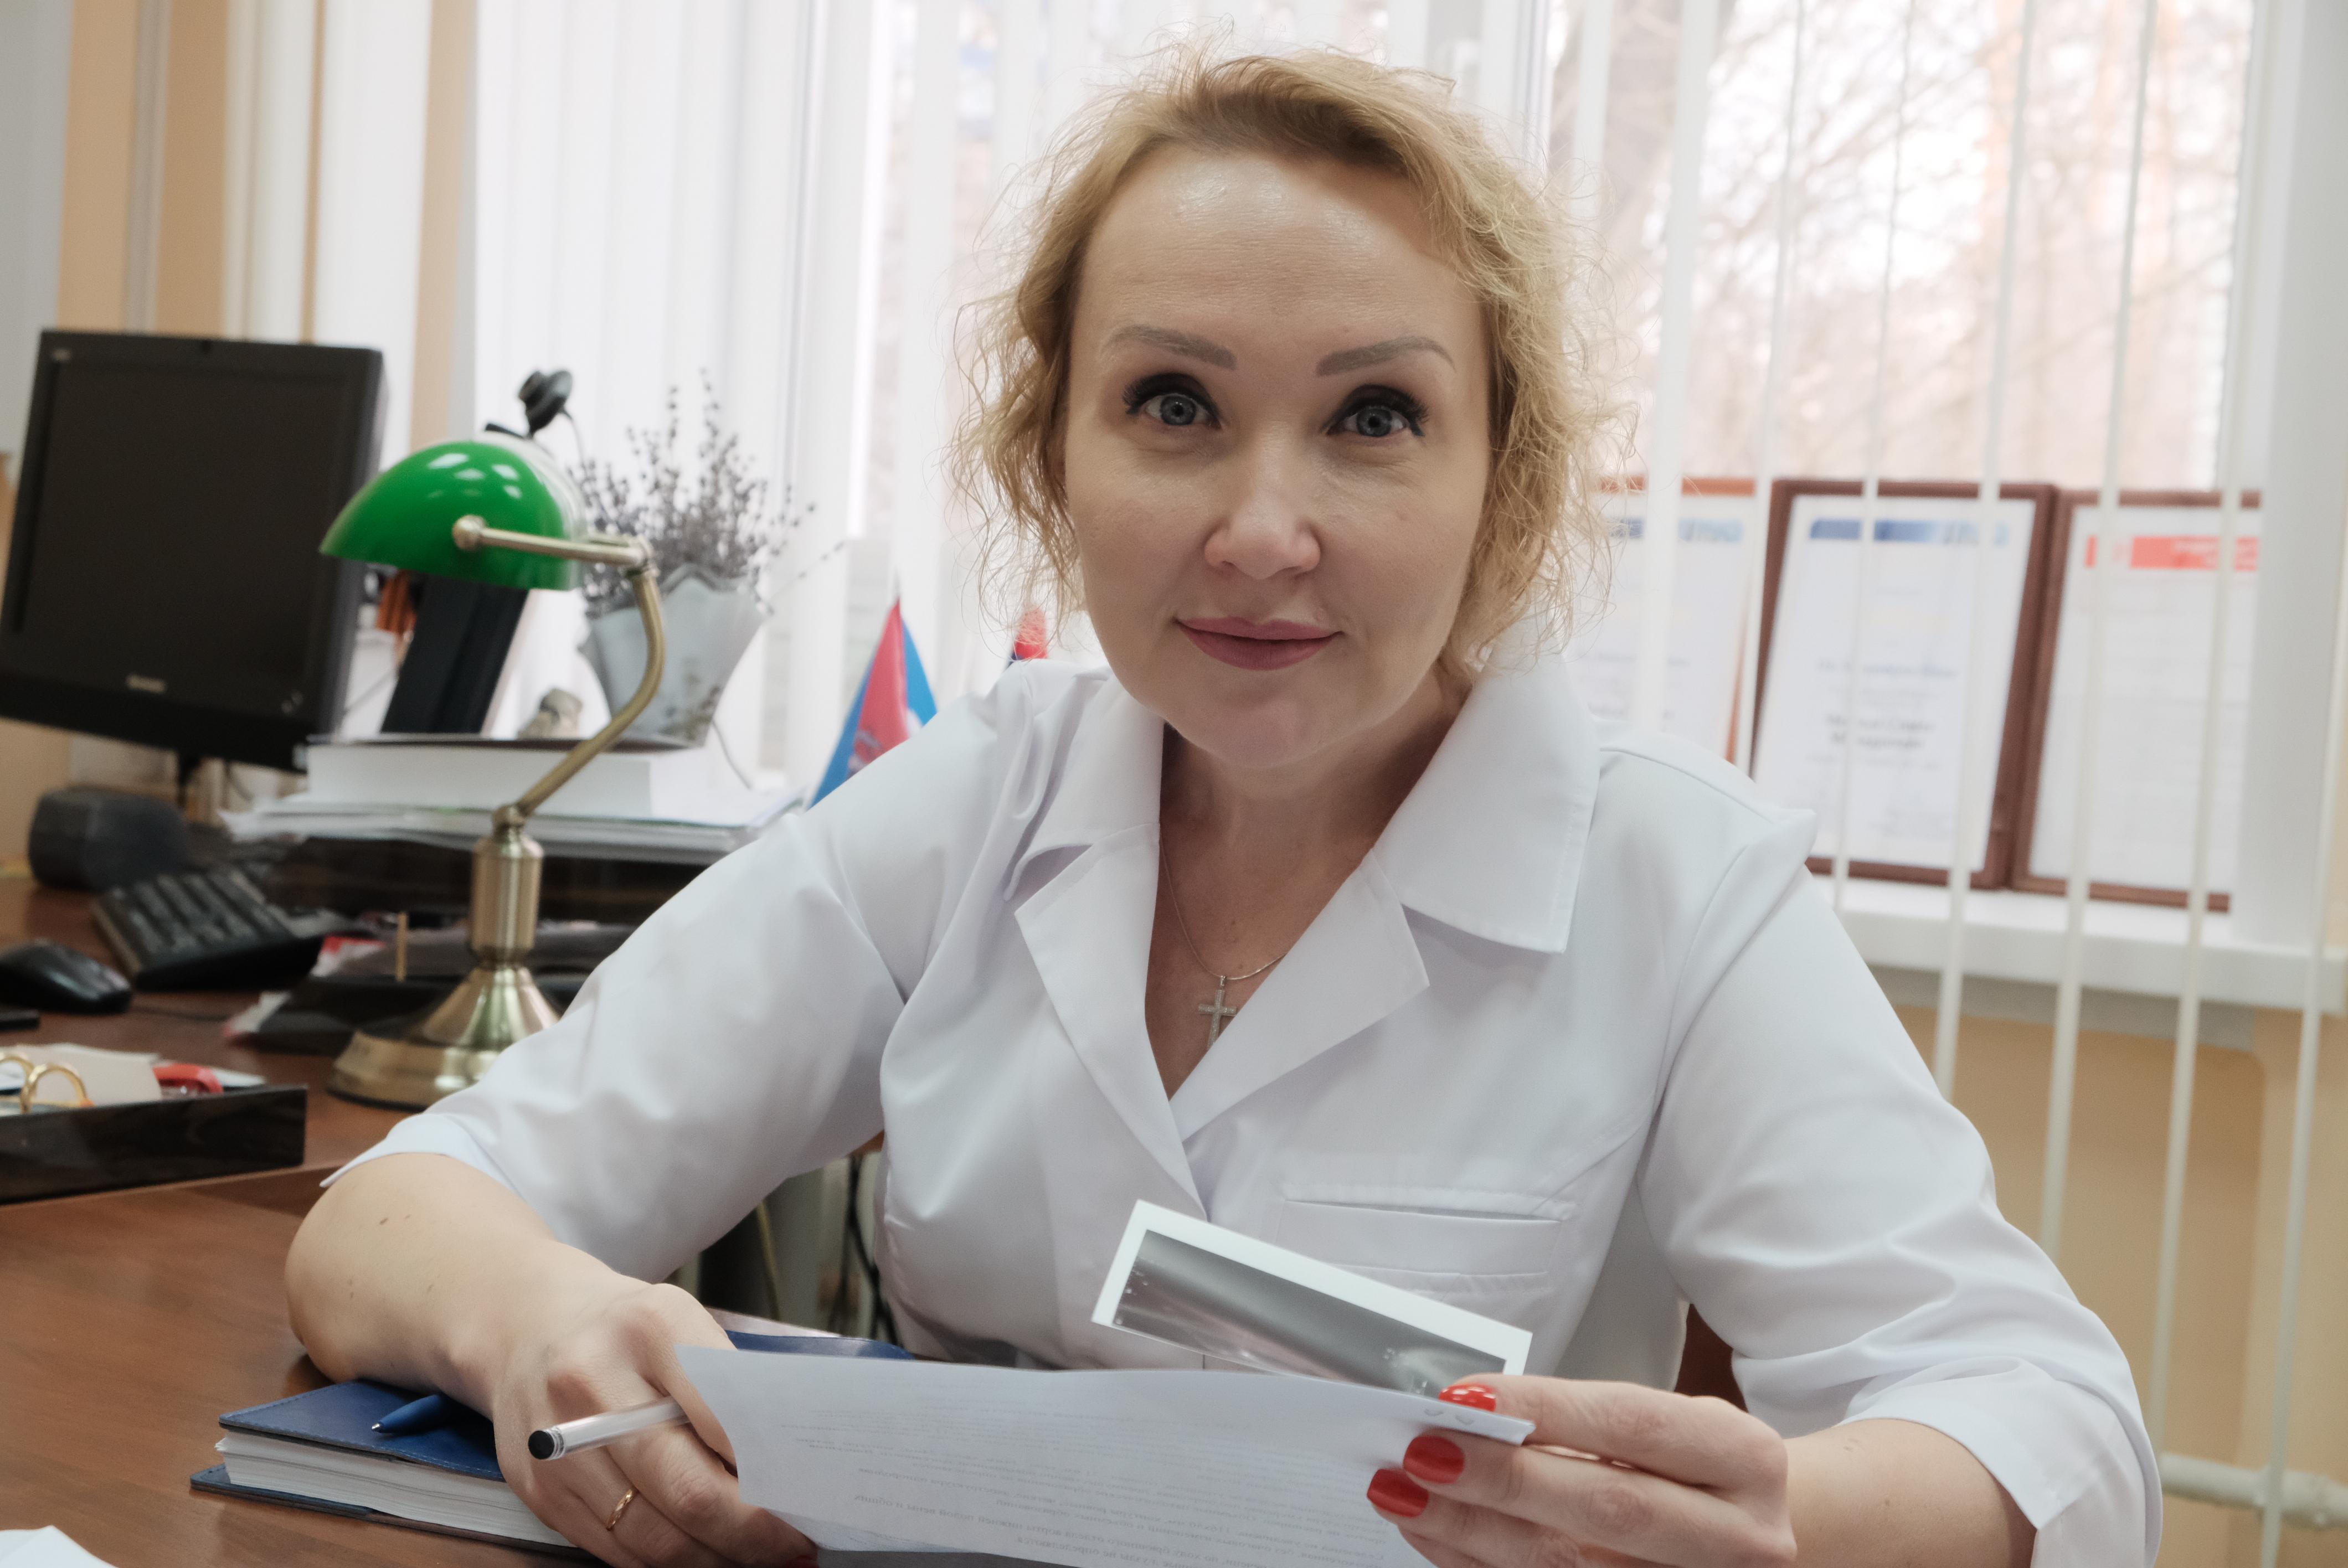 Депутат МГД Самышина: Искусственный интеллект помогает врачам ставить диагноз